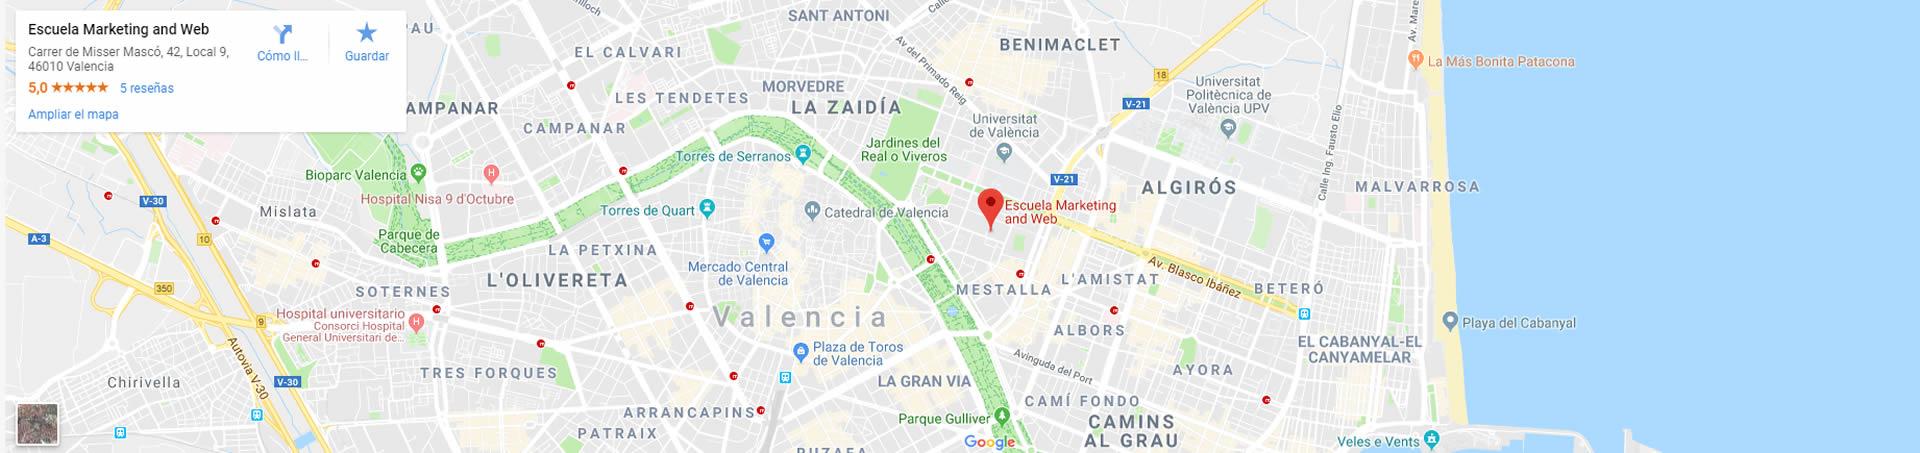 BlogFotografia - Plano Escuela Marketing and Web